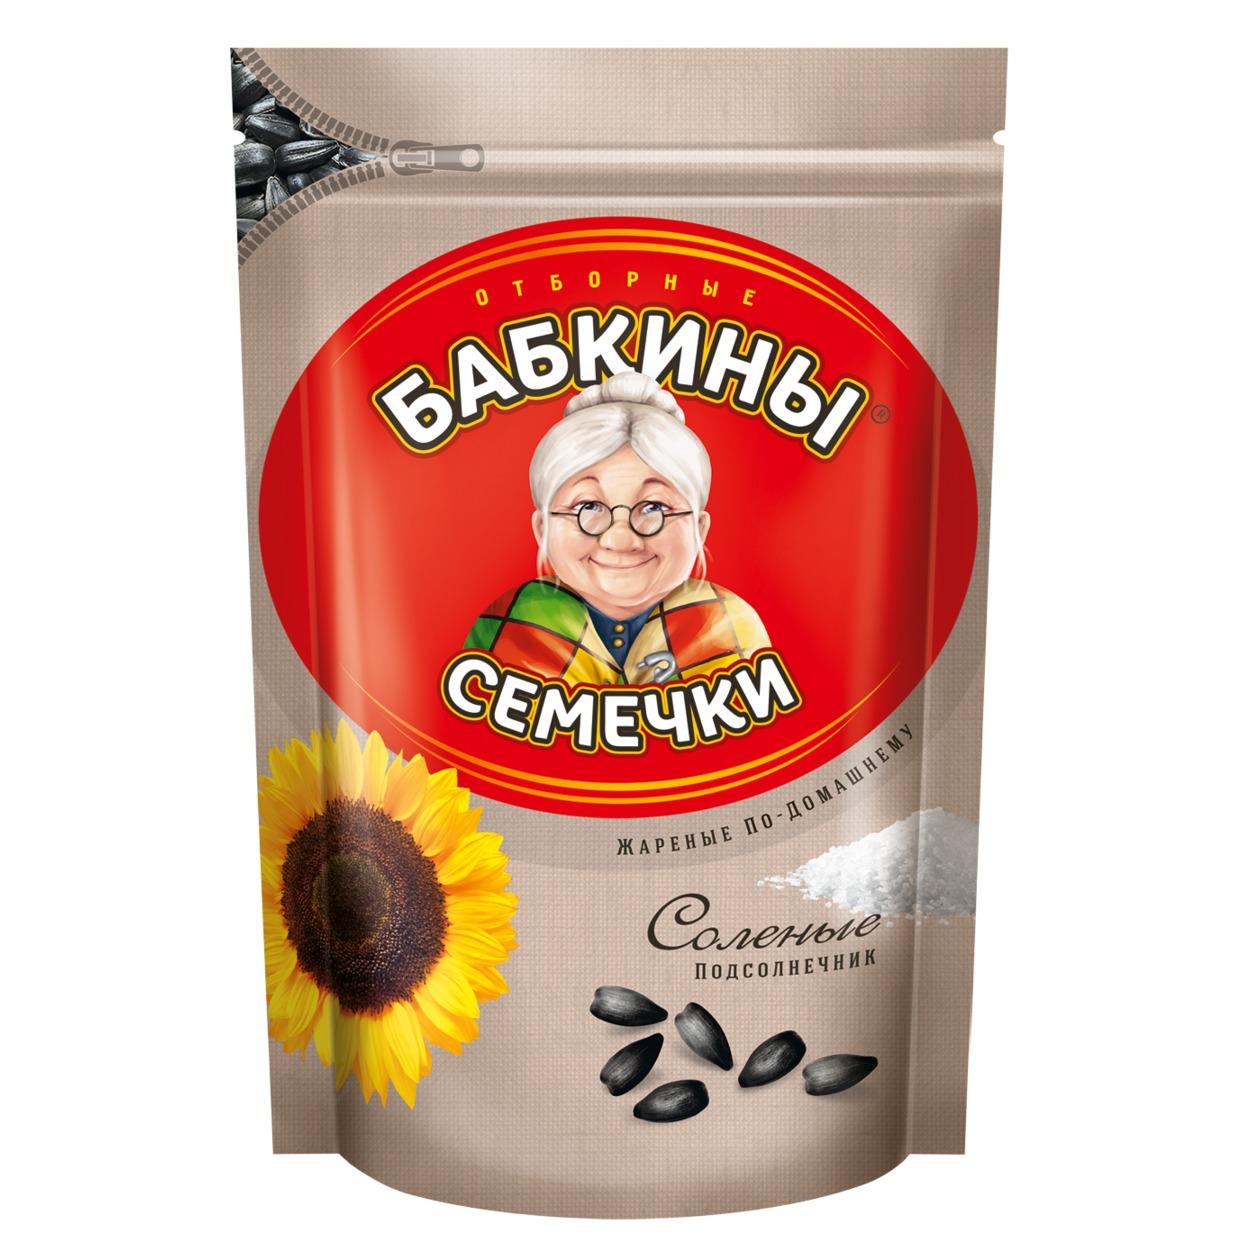 Бабкины семечки, жареные, соленые, 300 г